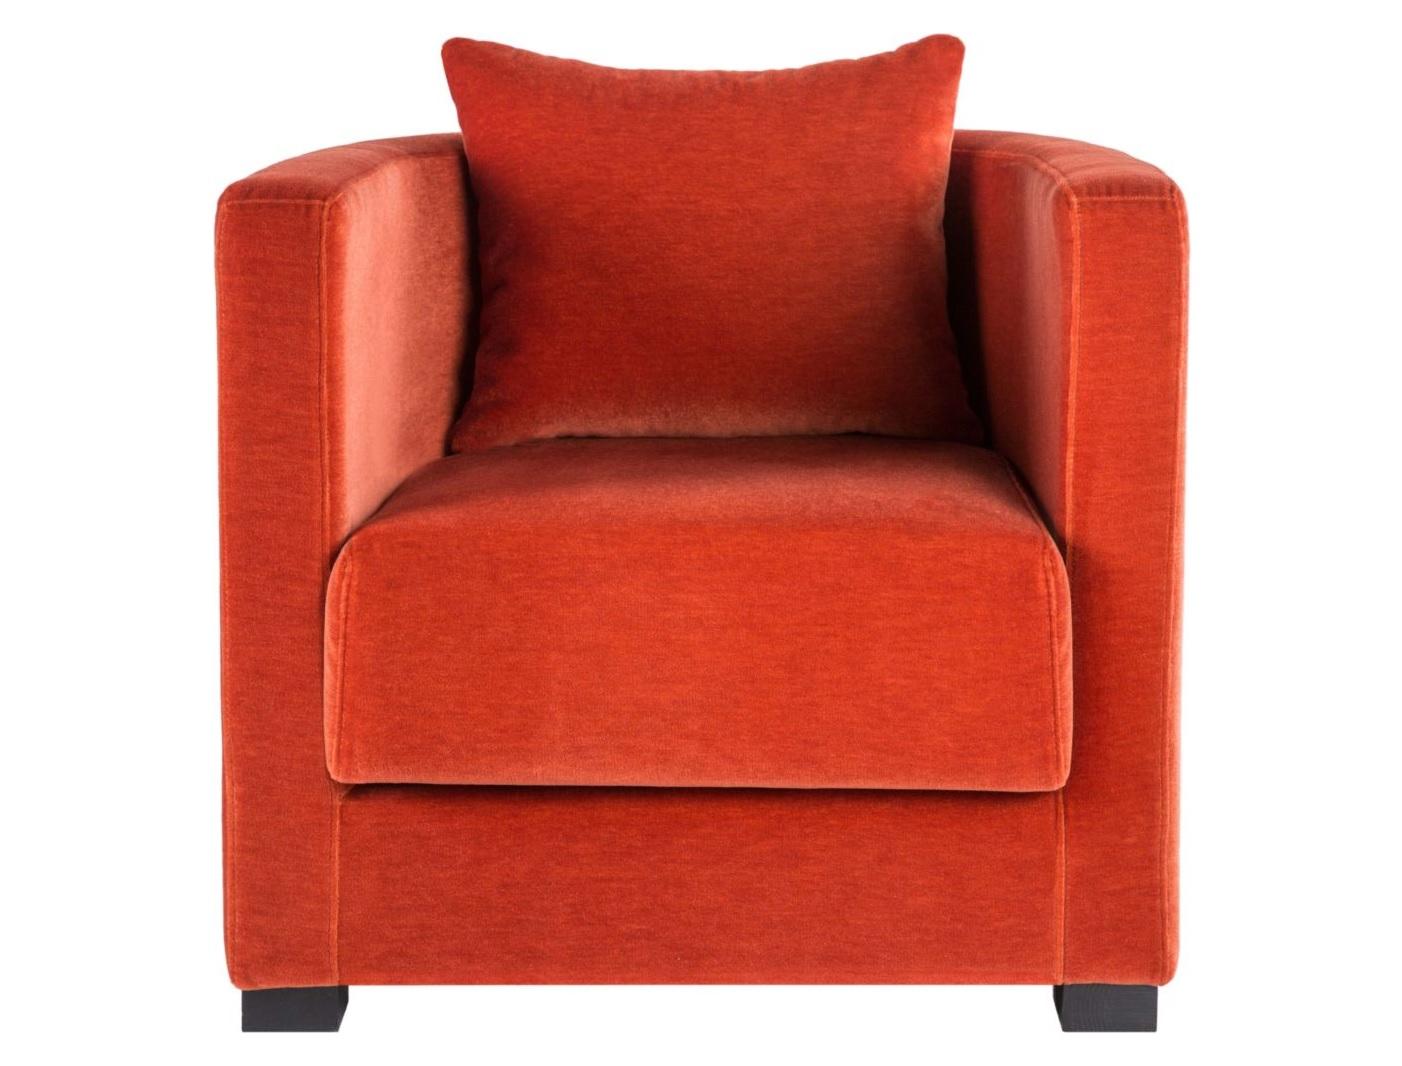 КреслоИнтерьерные кресла<br><br><br>Material: Текстиль<br>Ширина см: 75<br>Высота см: 72<br>Глубина см: 75